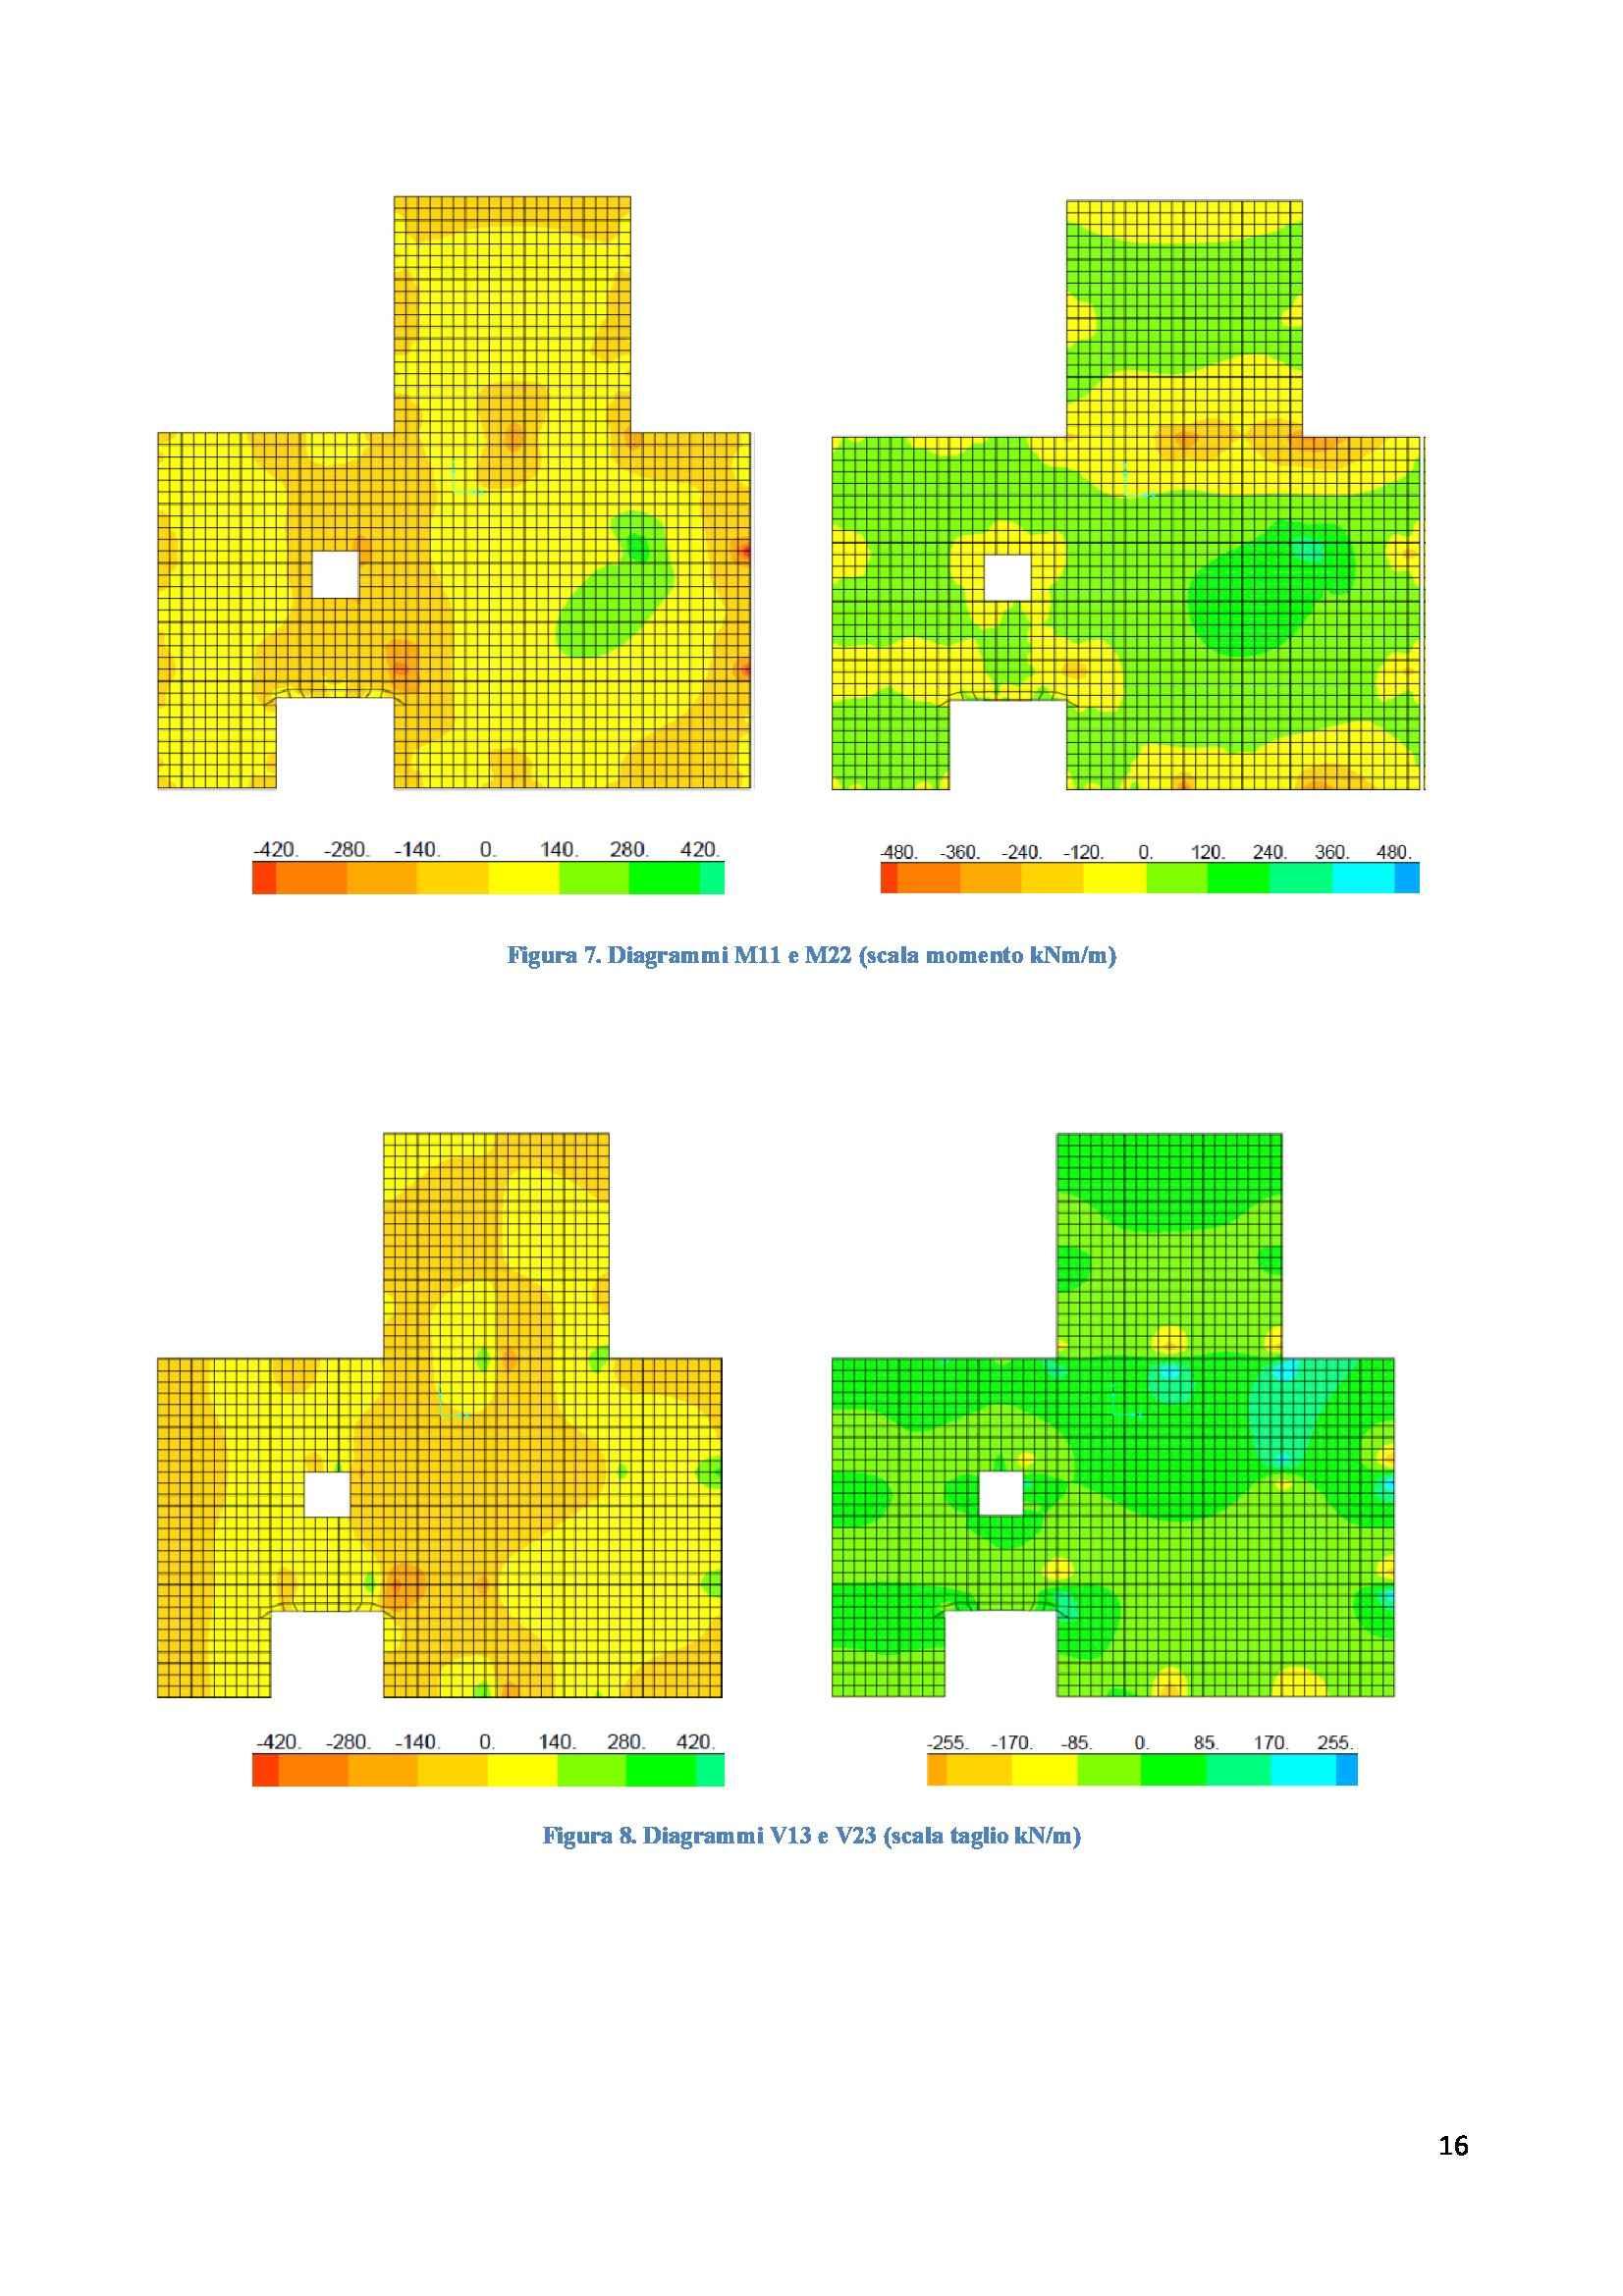 Progetto di strutture - progetto di un solaio bidirezionale in cemento armato Pag. 16